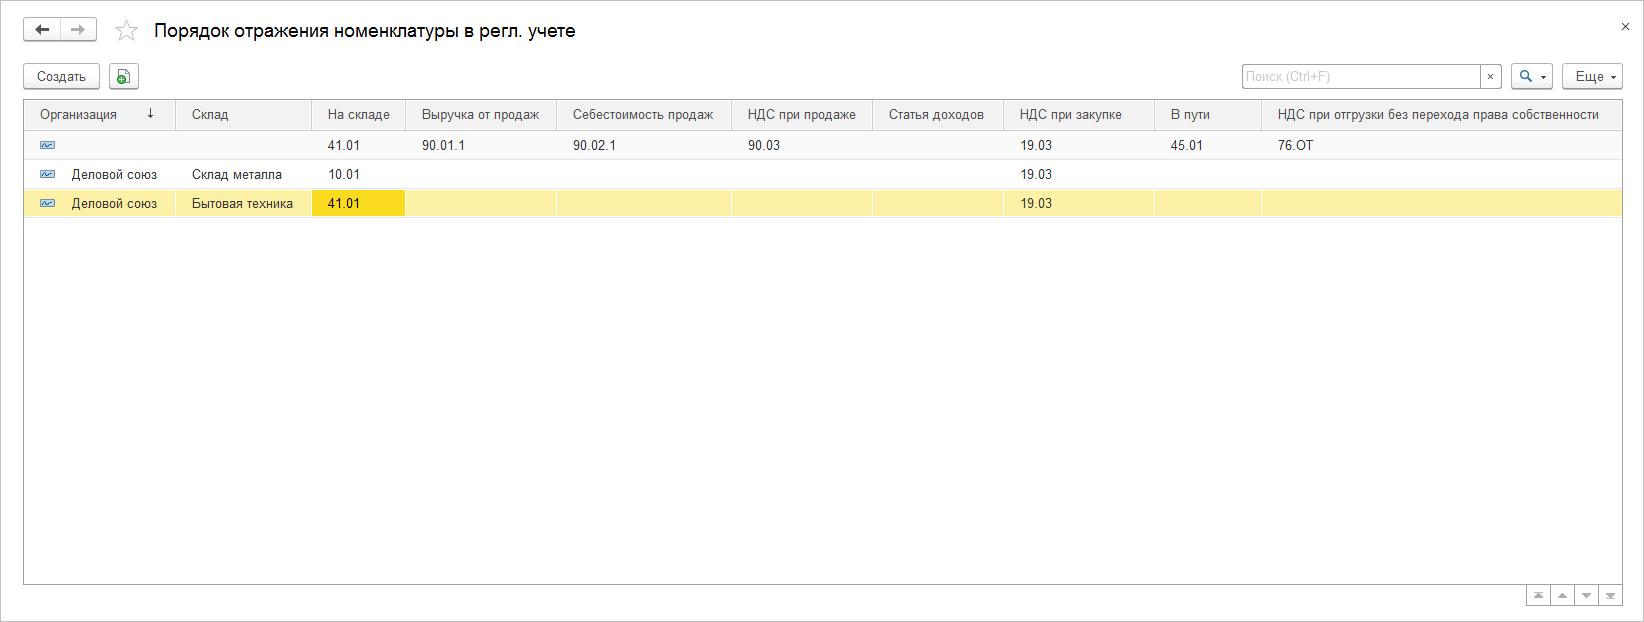 """3_08908458284123412112 Как настроить разные счета учета номенклатуры без использования групп финансового учета в """"1С:КА 2.2"""" и """"1С:ERP 2.2""""?"""